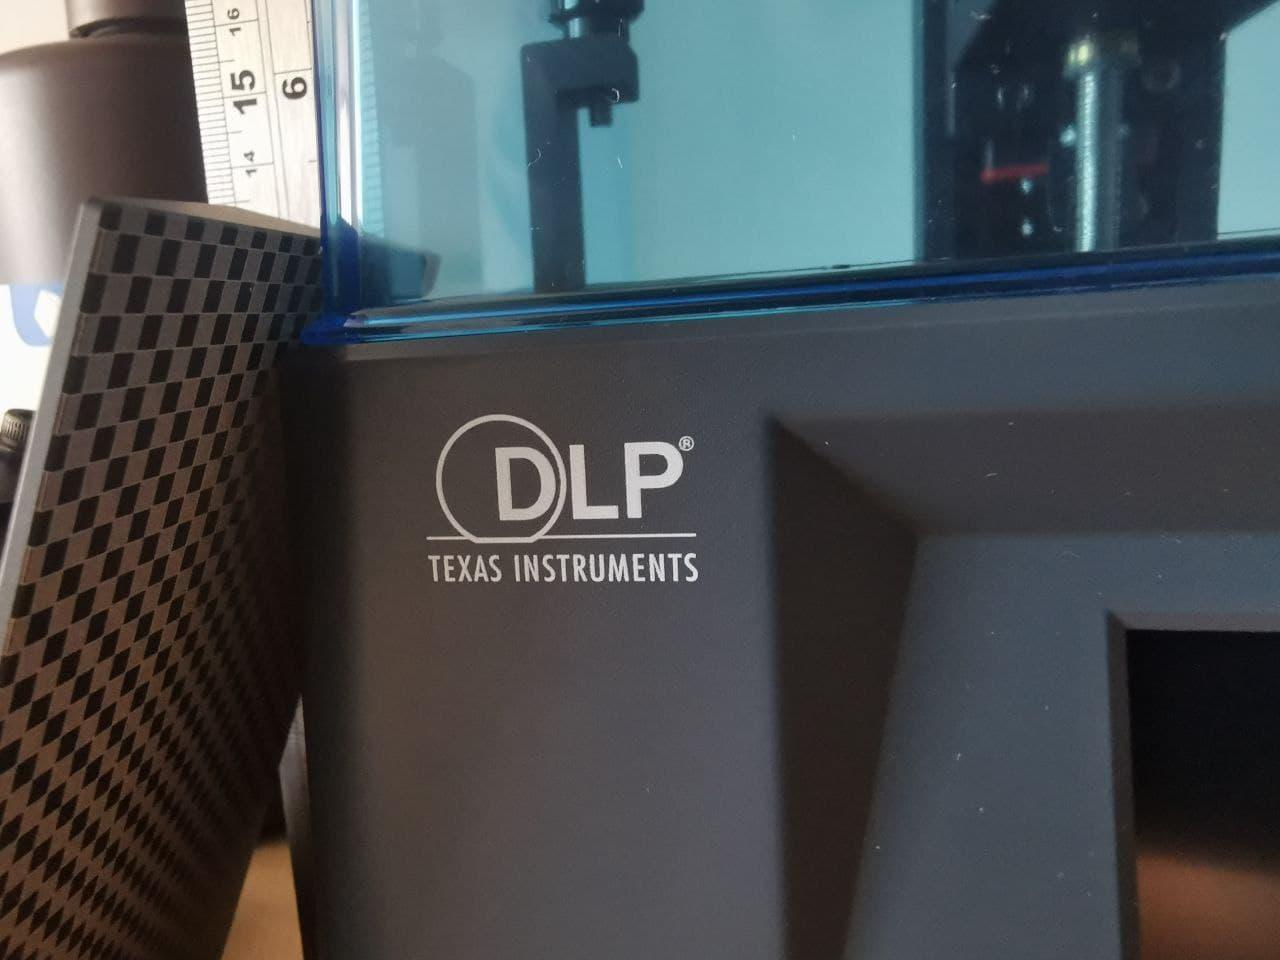 DLP Texas Instruments